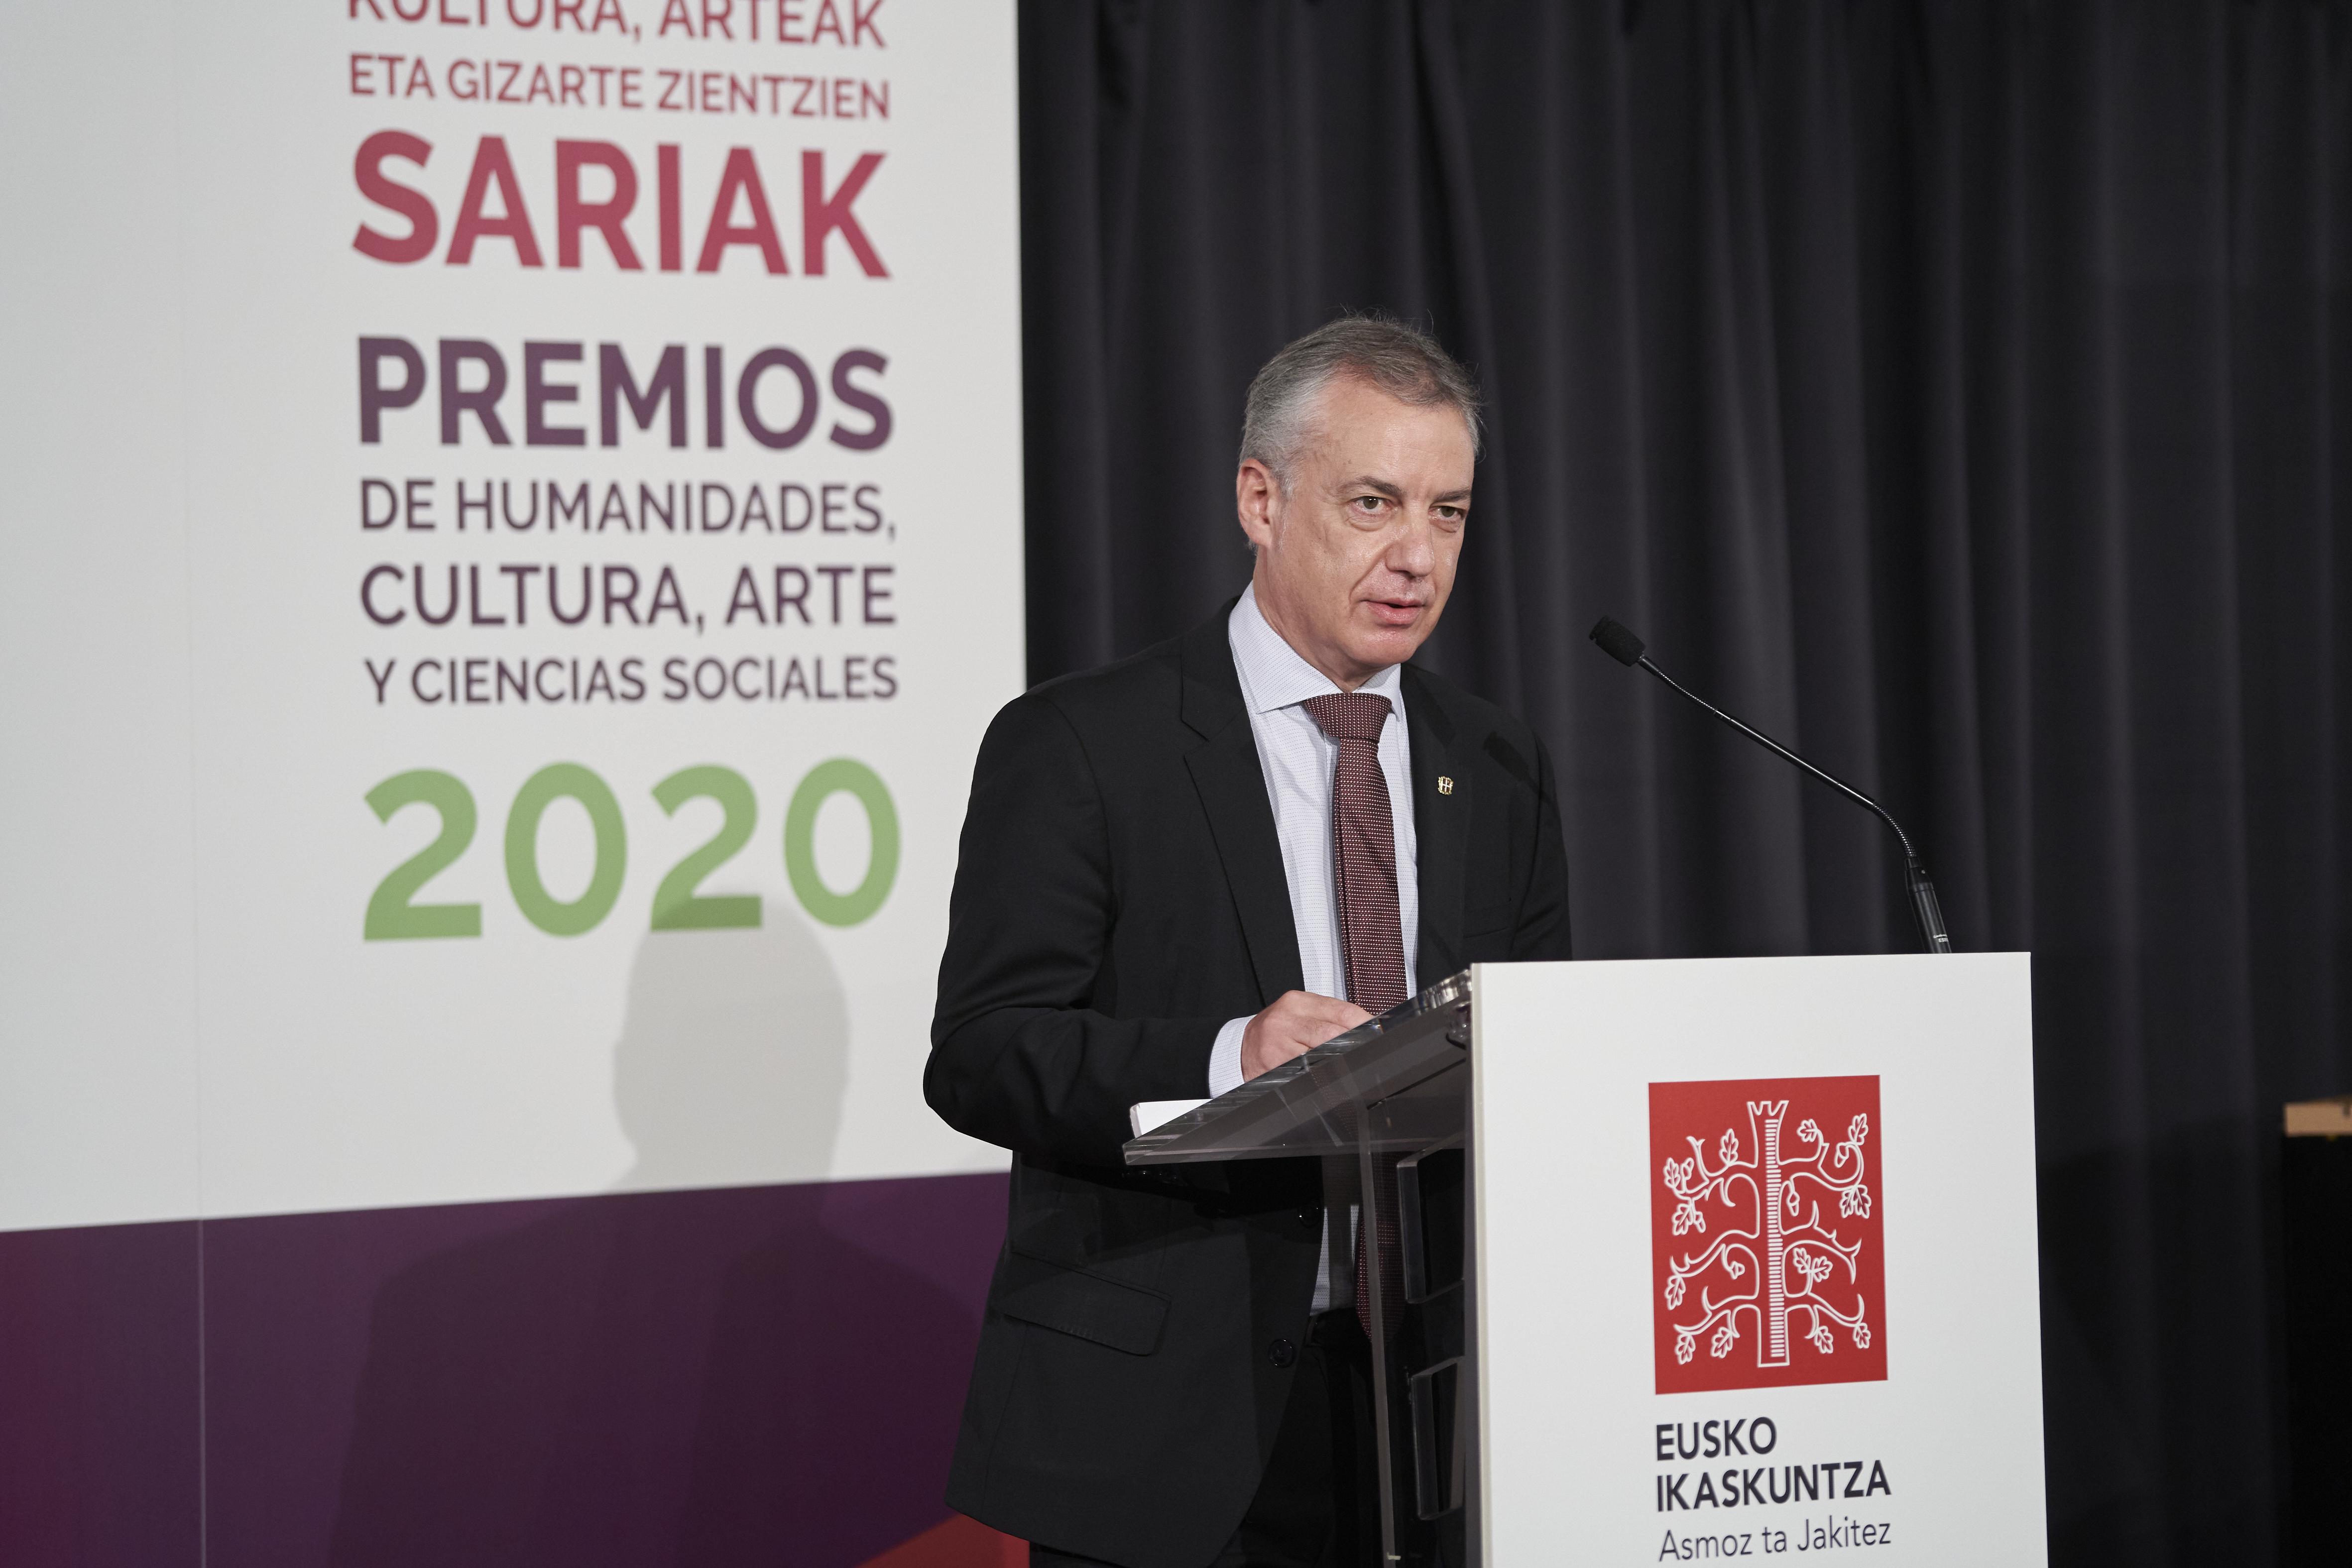 204_EUSKO_IKASKUNTZA_SARIAK_026.jpg